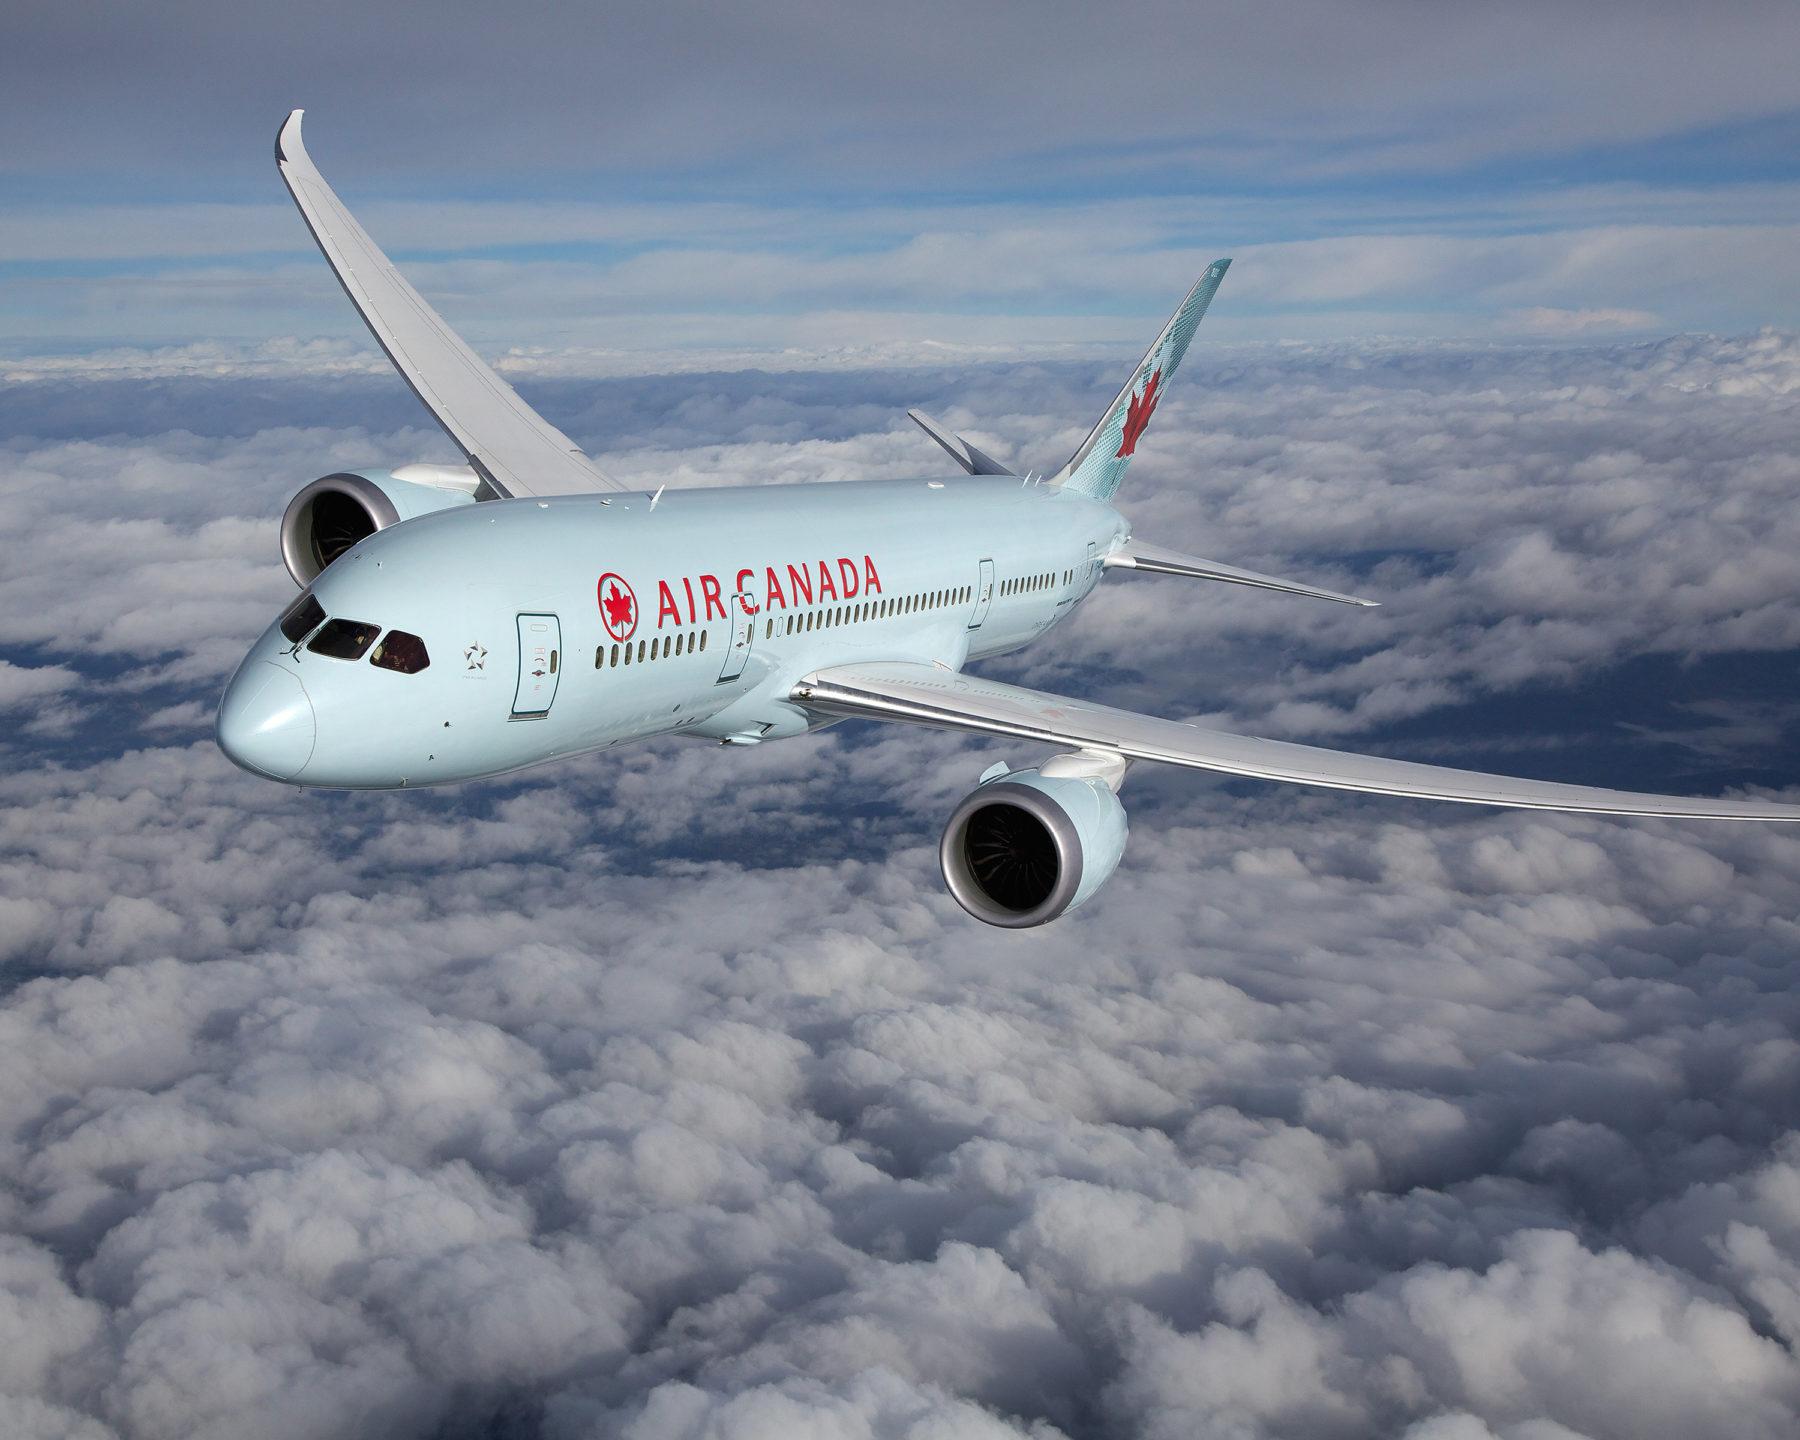 Air Canada entre las 20 mejores aerolíneas del mundo